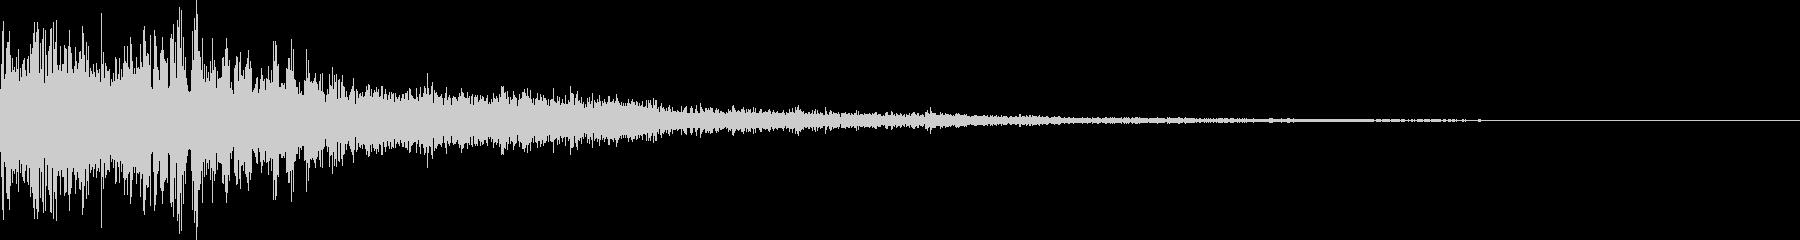 【ゲーム】 ダークSFX_14 ヒットの未再生の波形